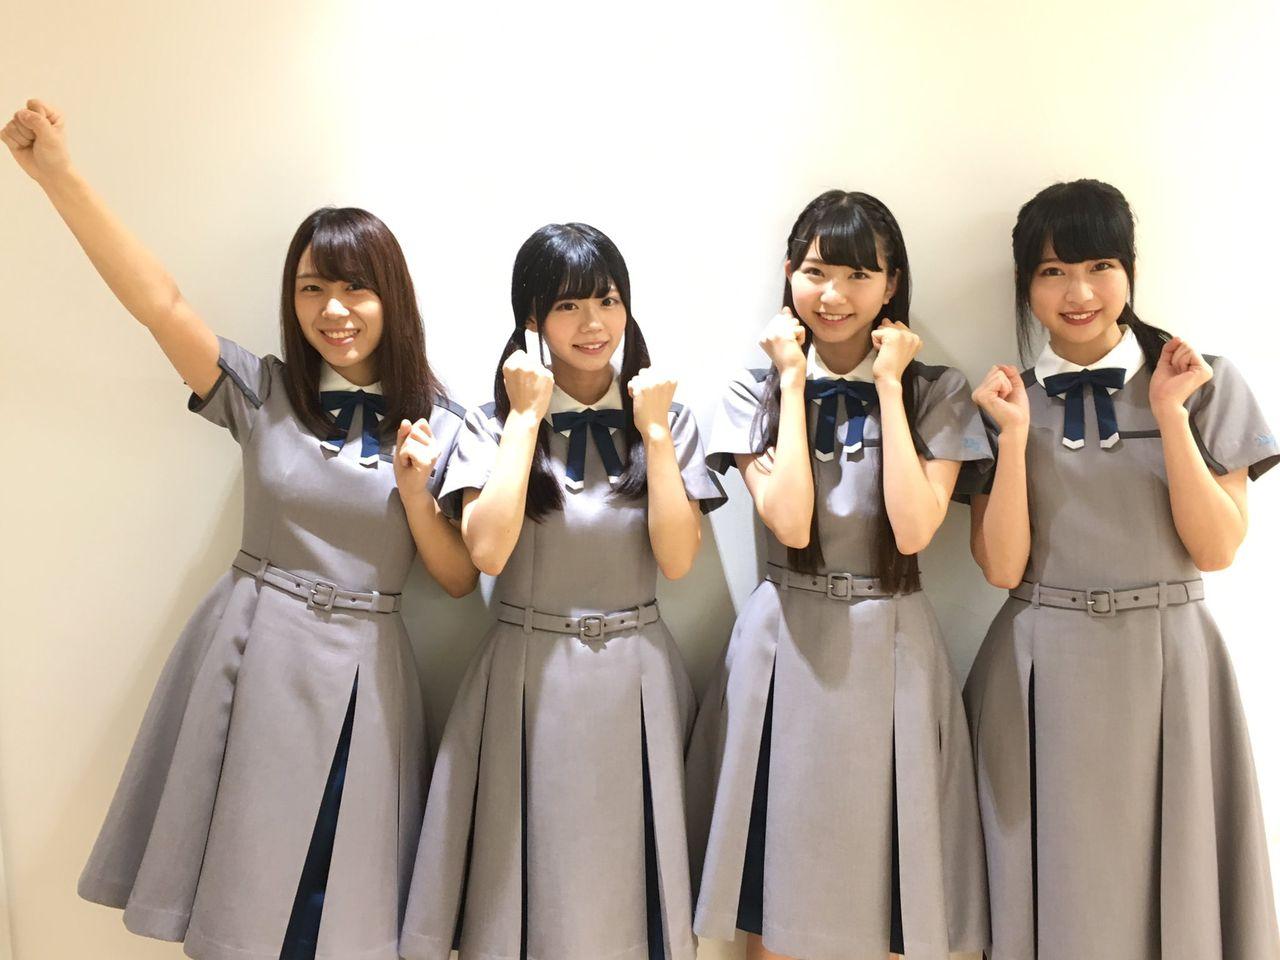 秋元康プロデュースの声優ユニット、「22/7」が本業アイドル並に可愛いと話題にwwwこりゃ人気でますわw